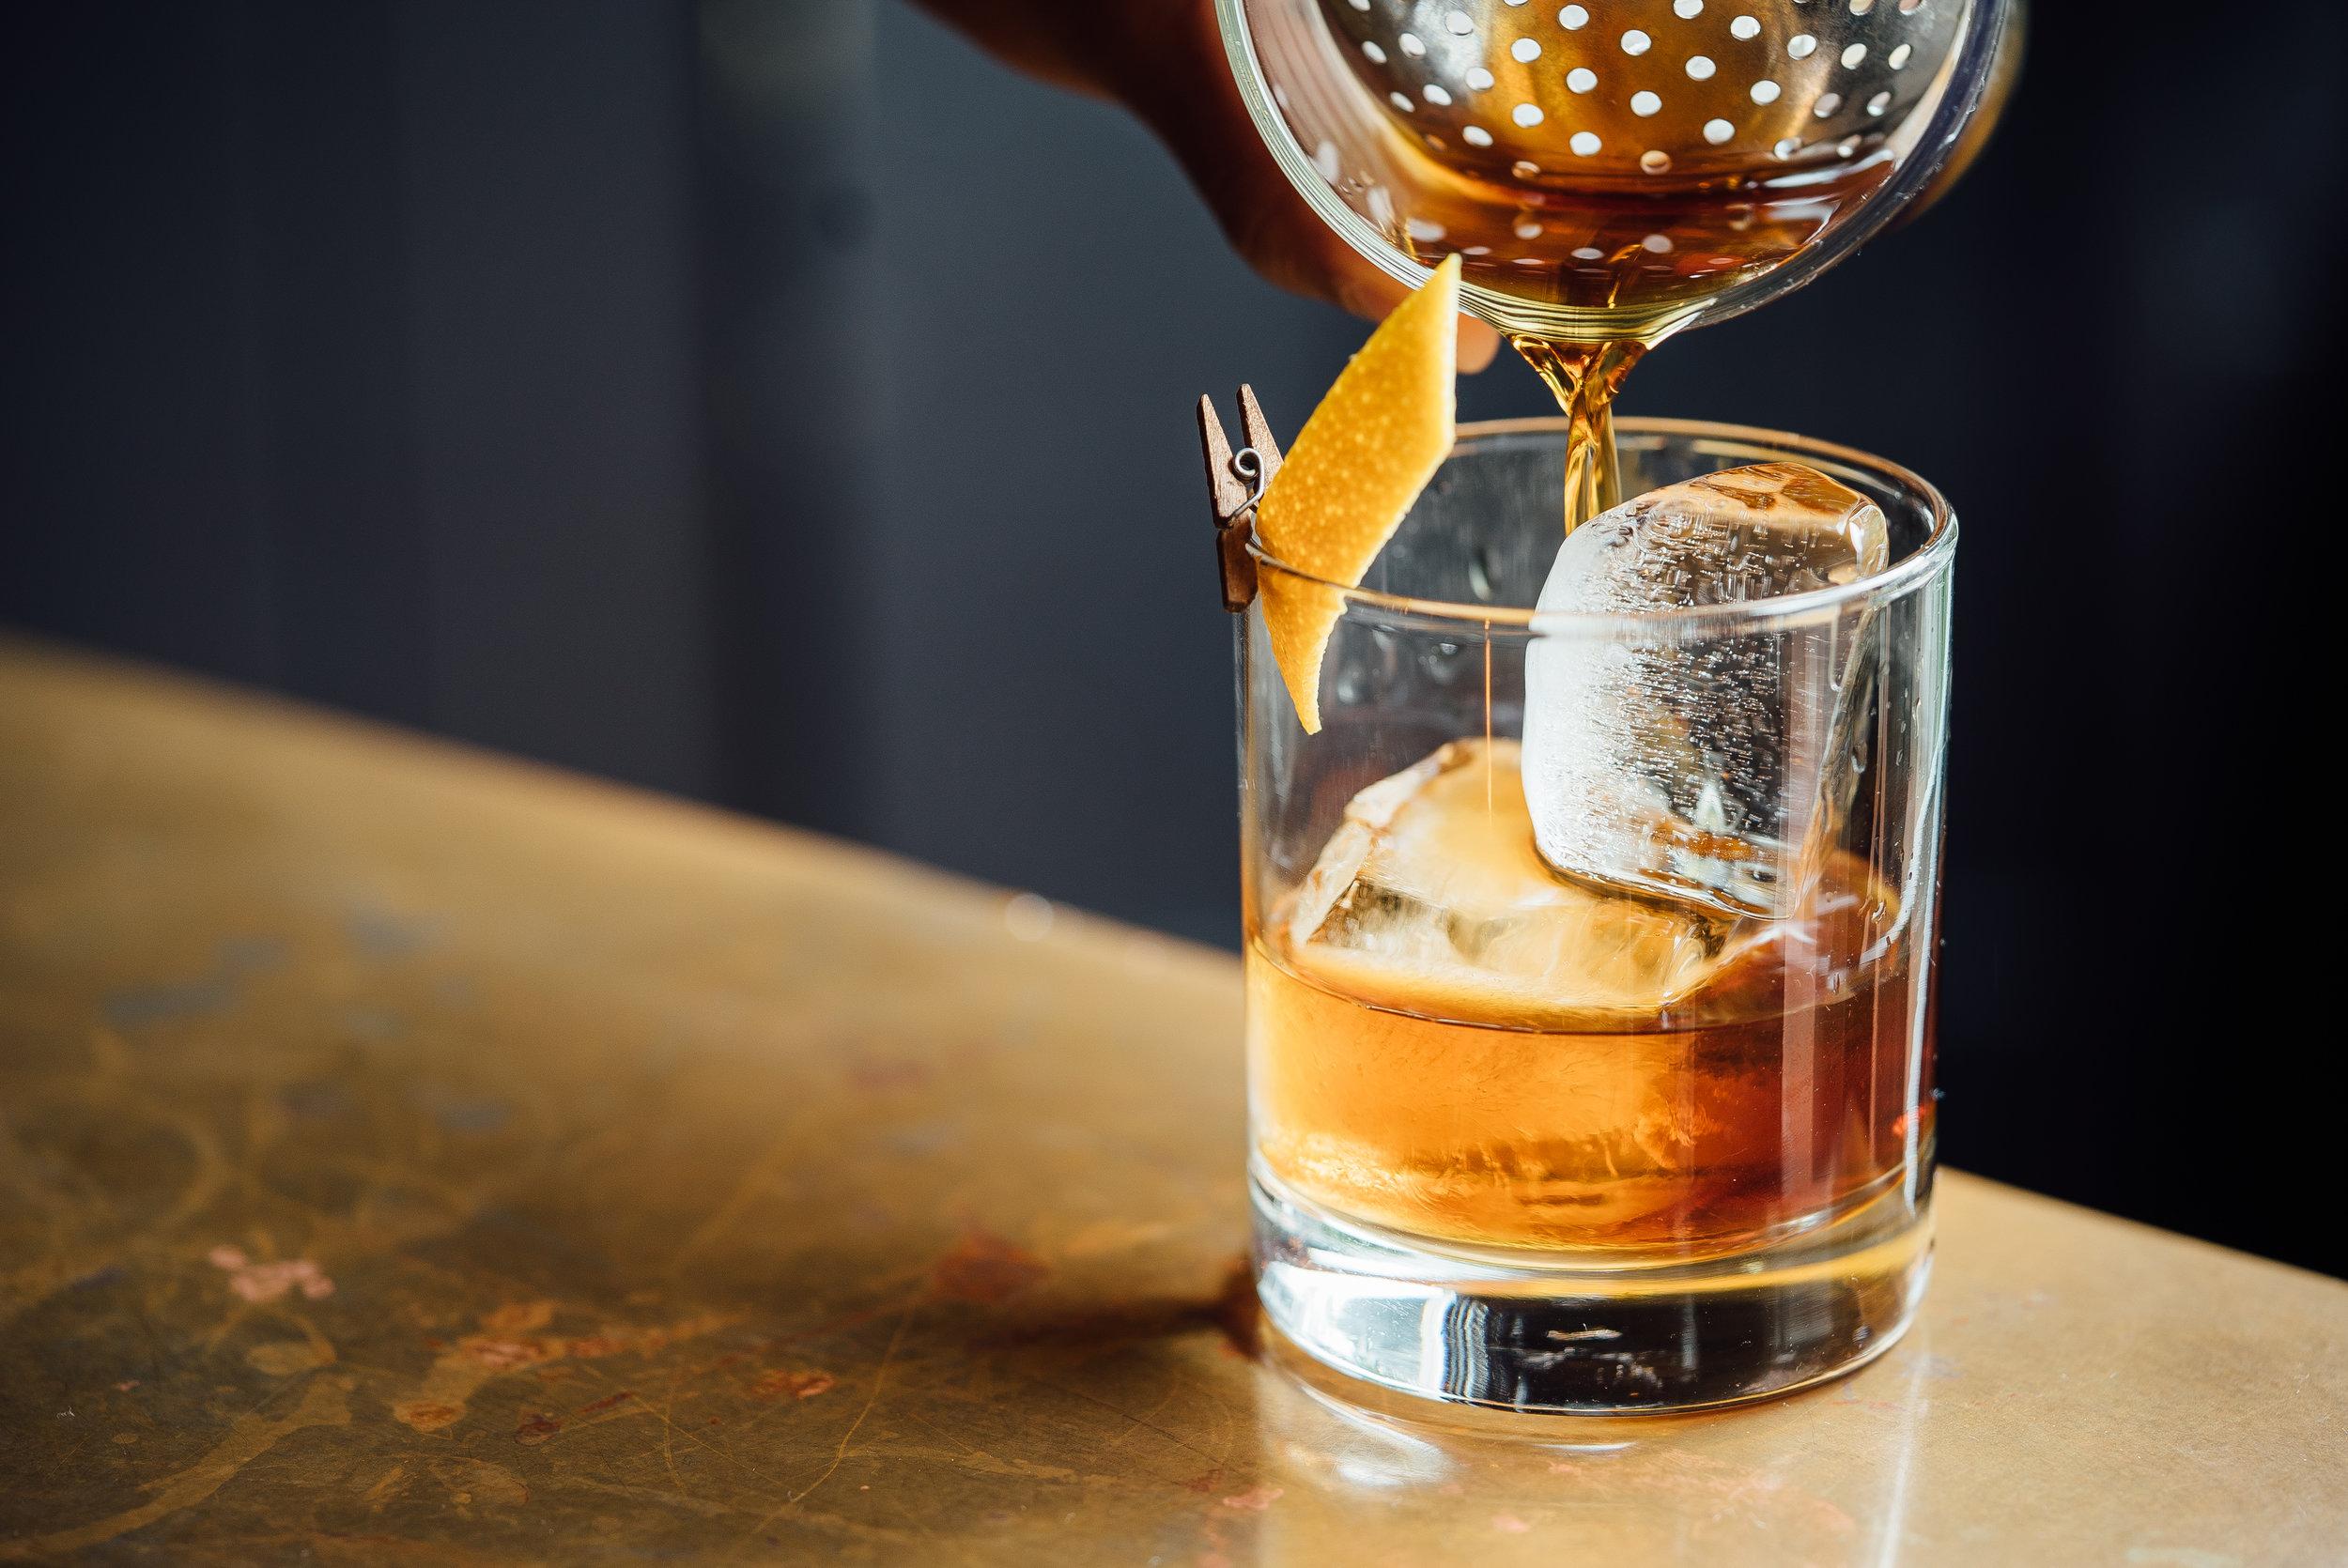 whisky2.jpg